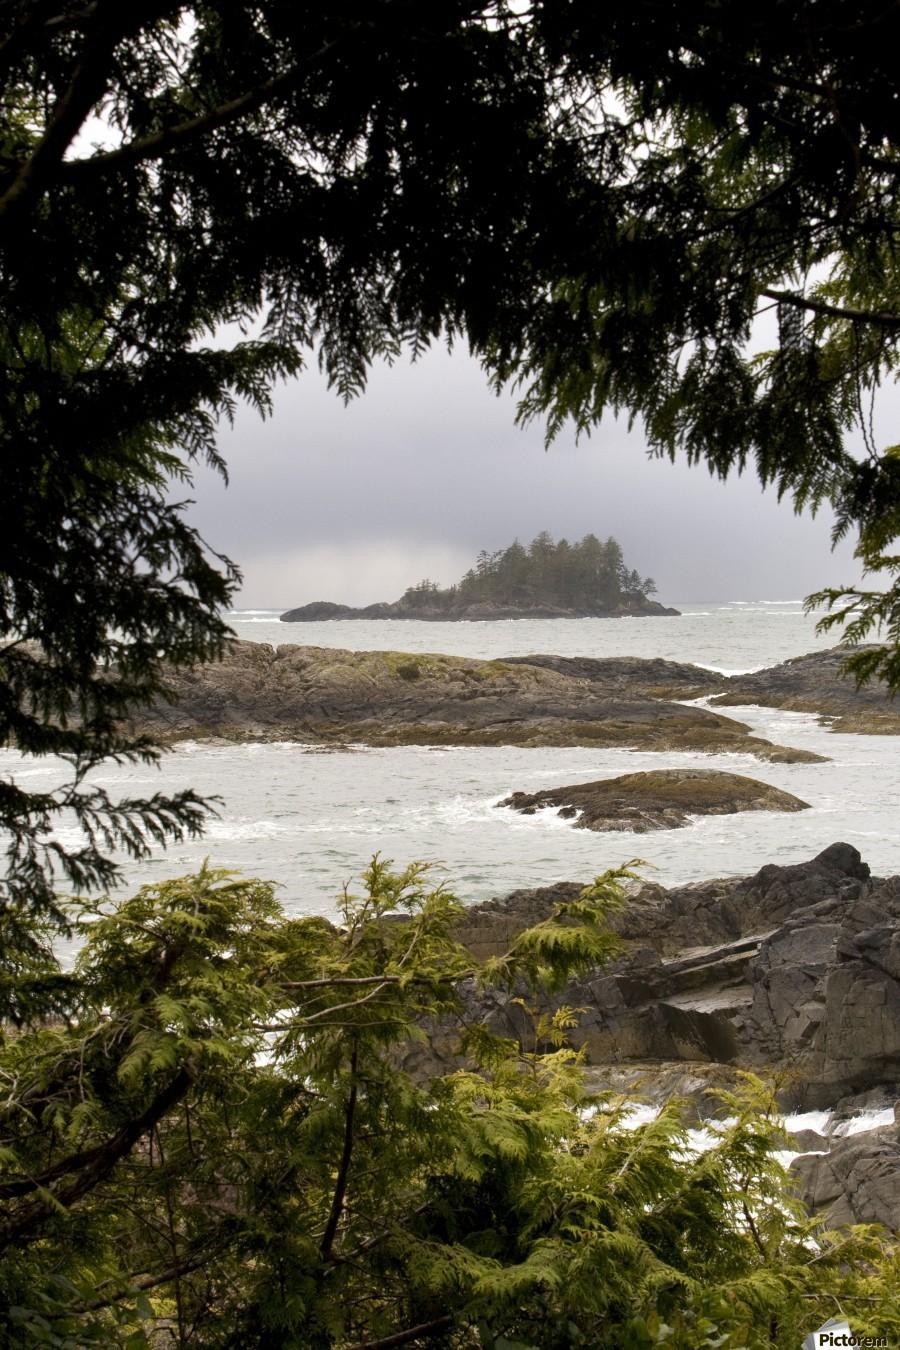 Coastal Scenery, Tofino, British Columbia, Canada  Print